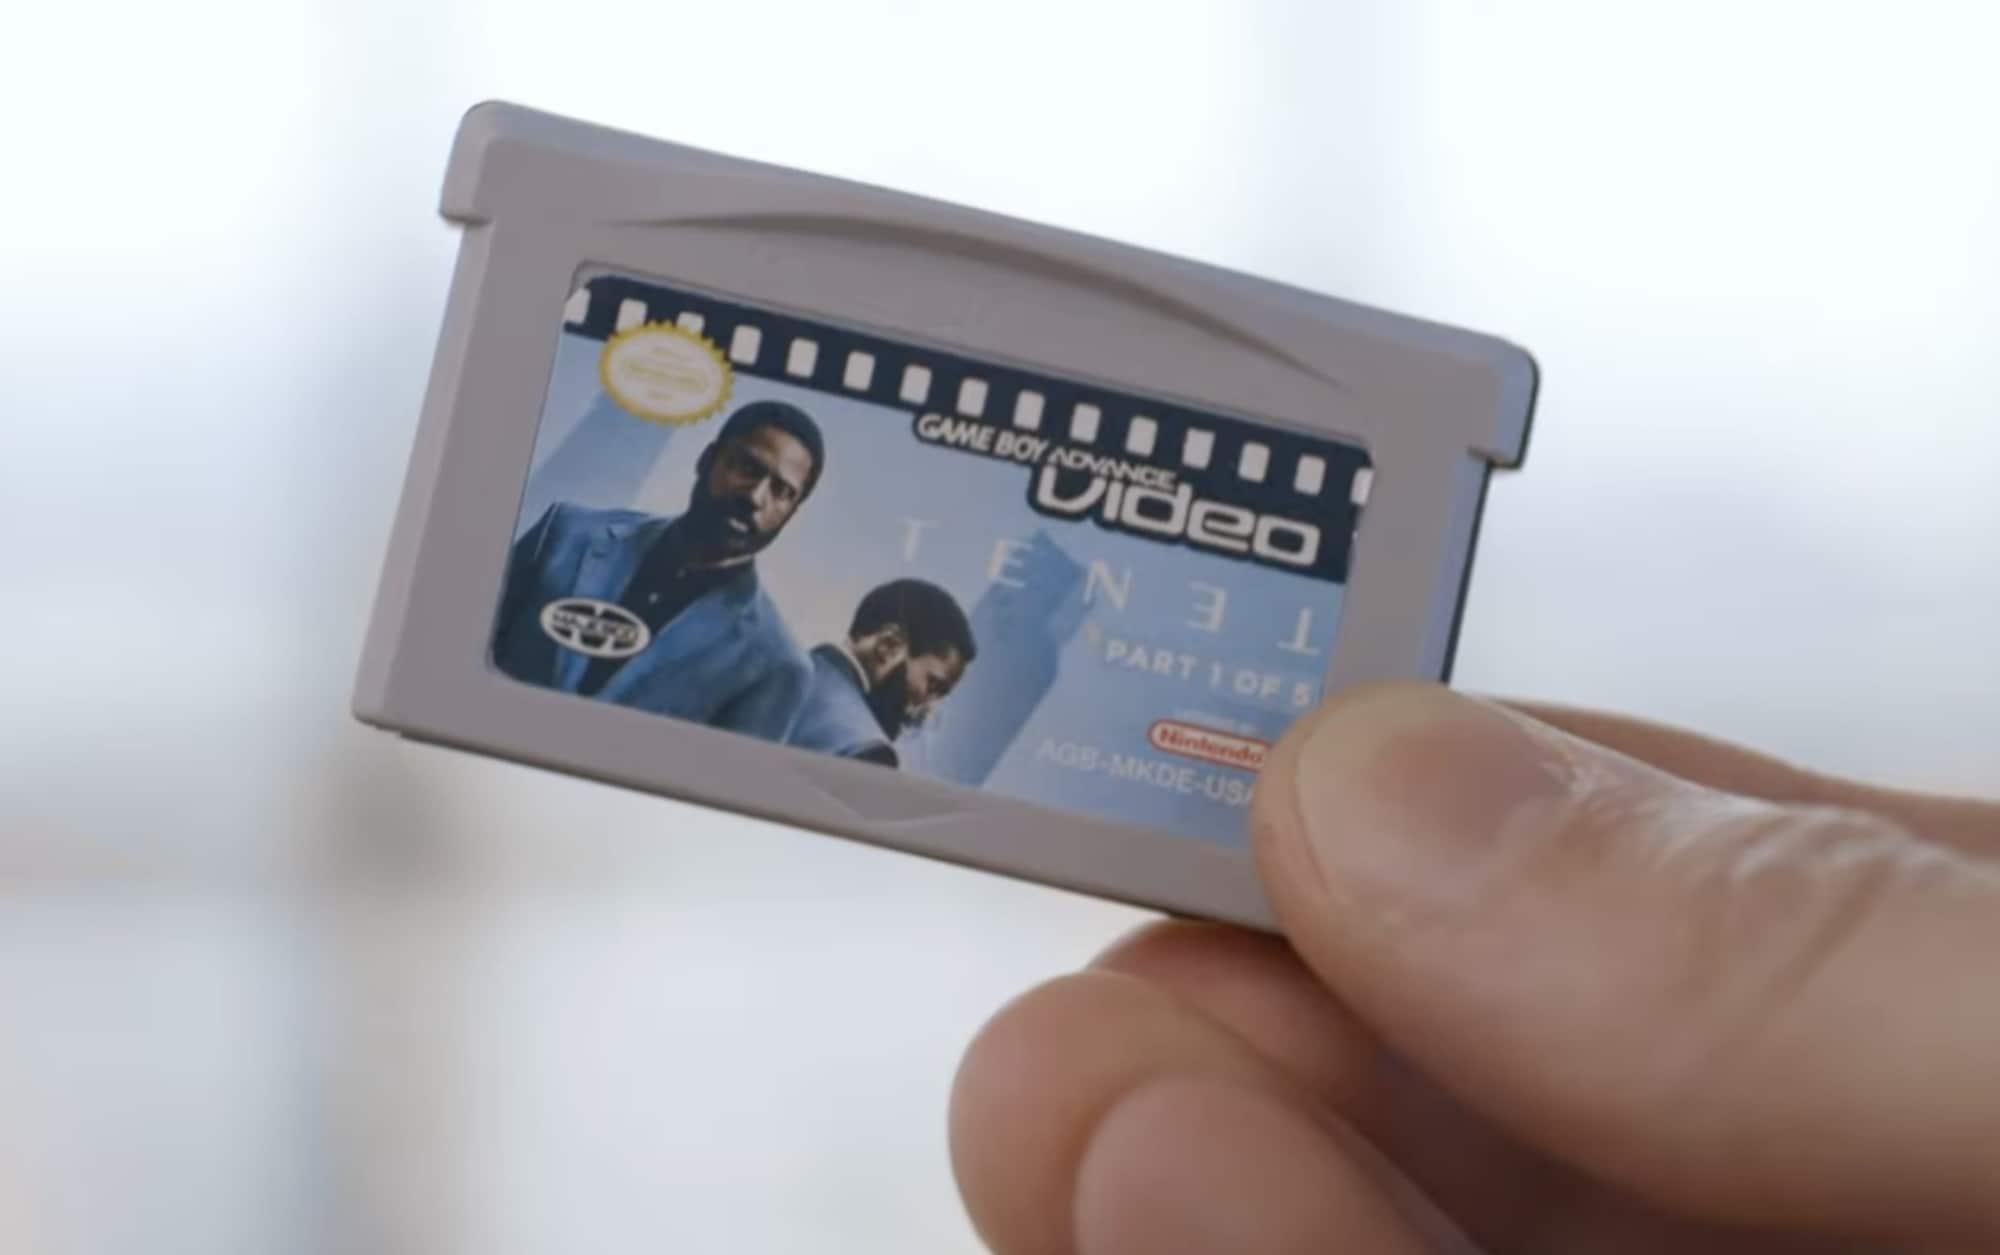 Un YouTuber a divisé le film Tenet en cinq cartouches Game Boy Advance pour en faire l'expérience de la pire façon possible